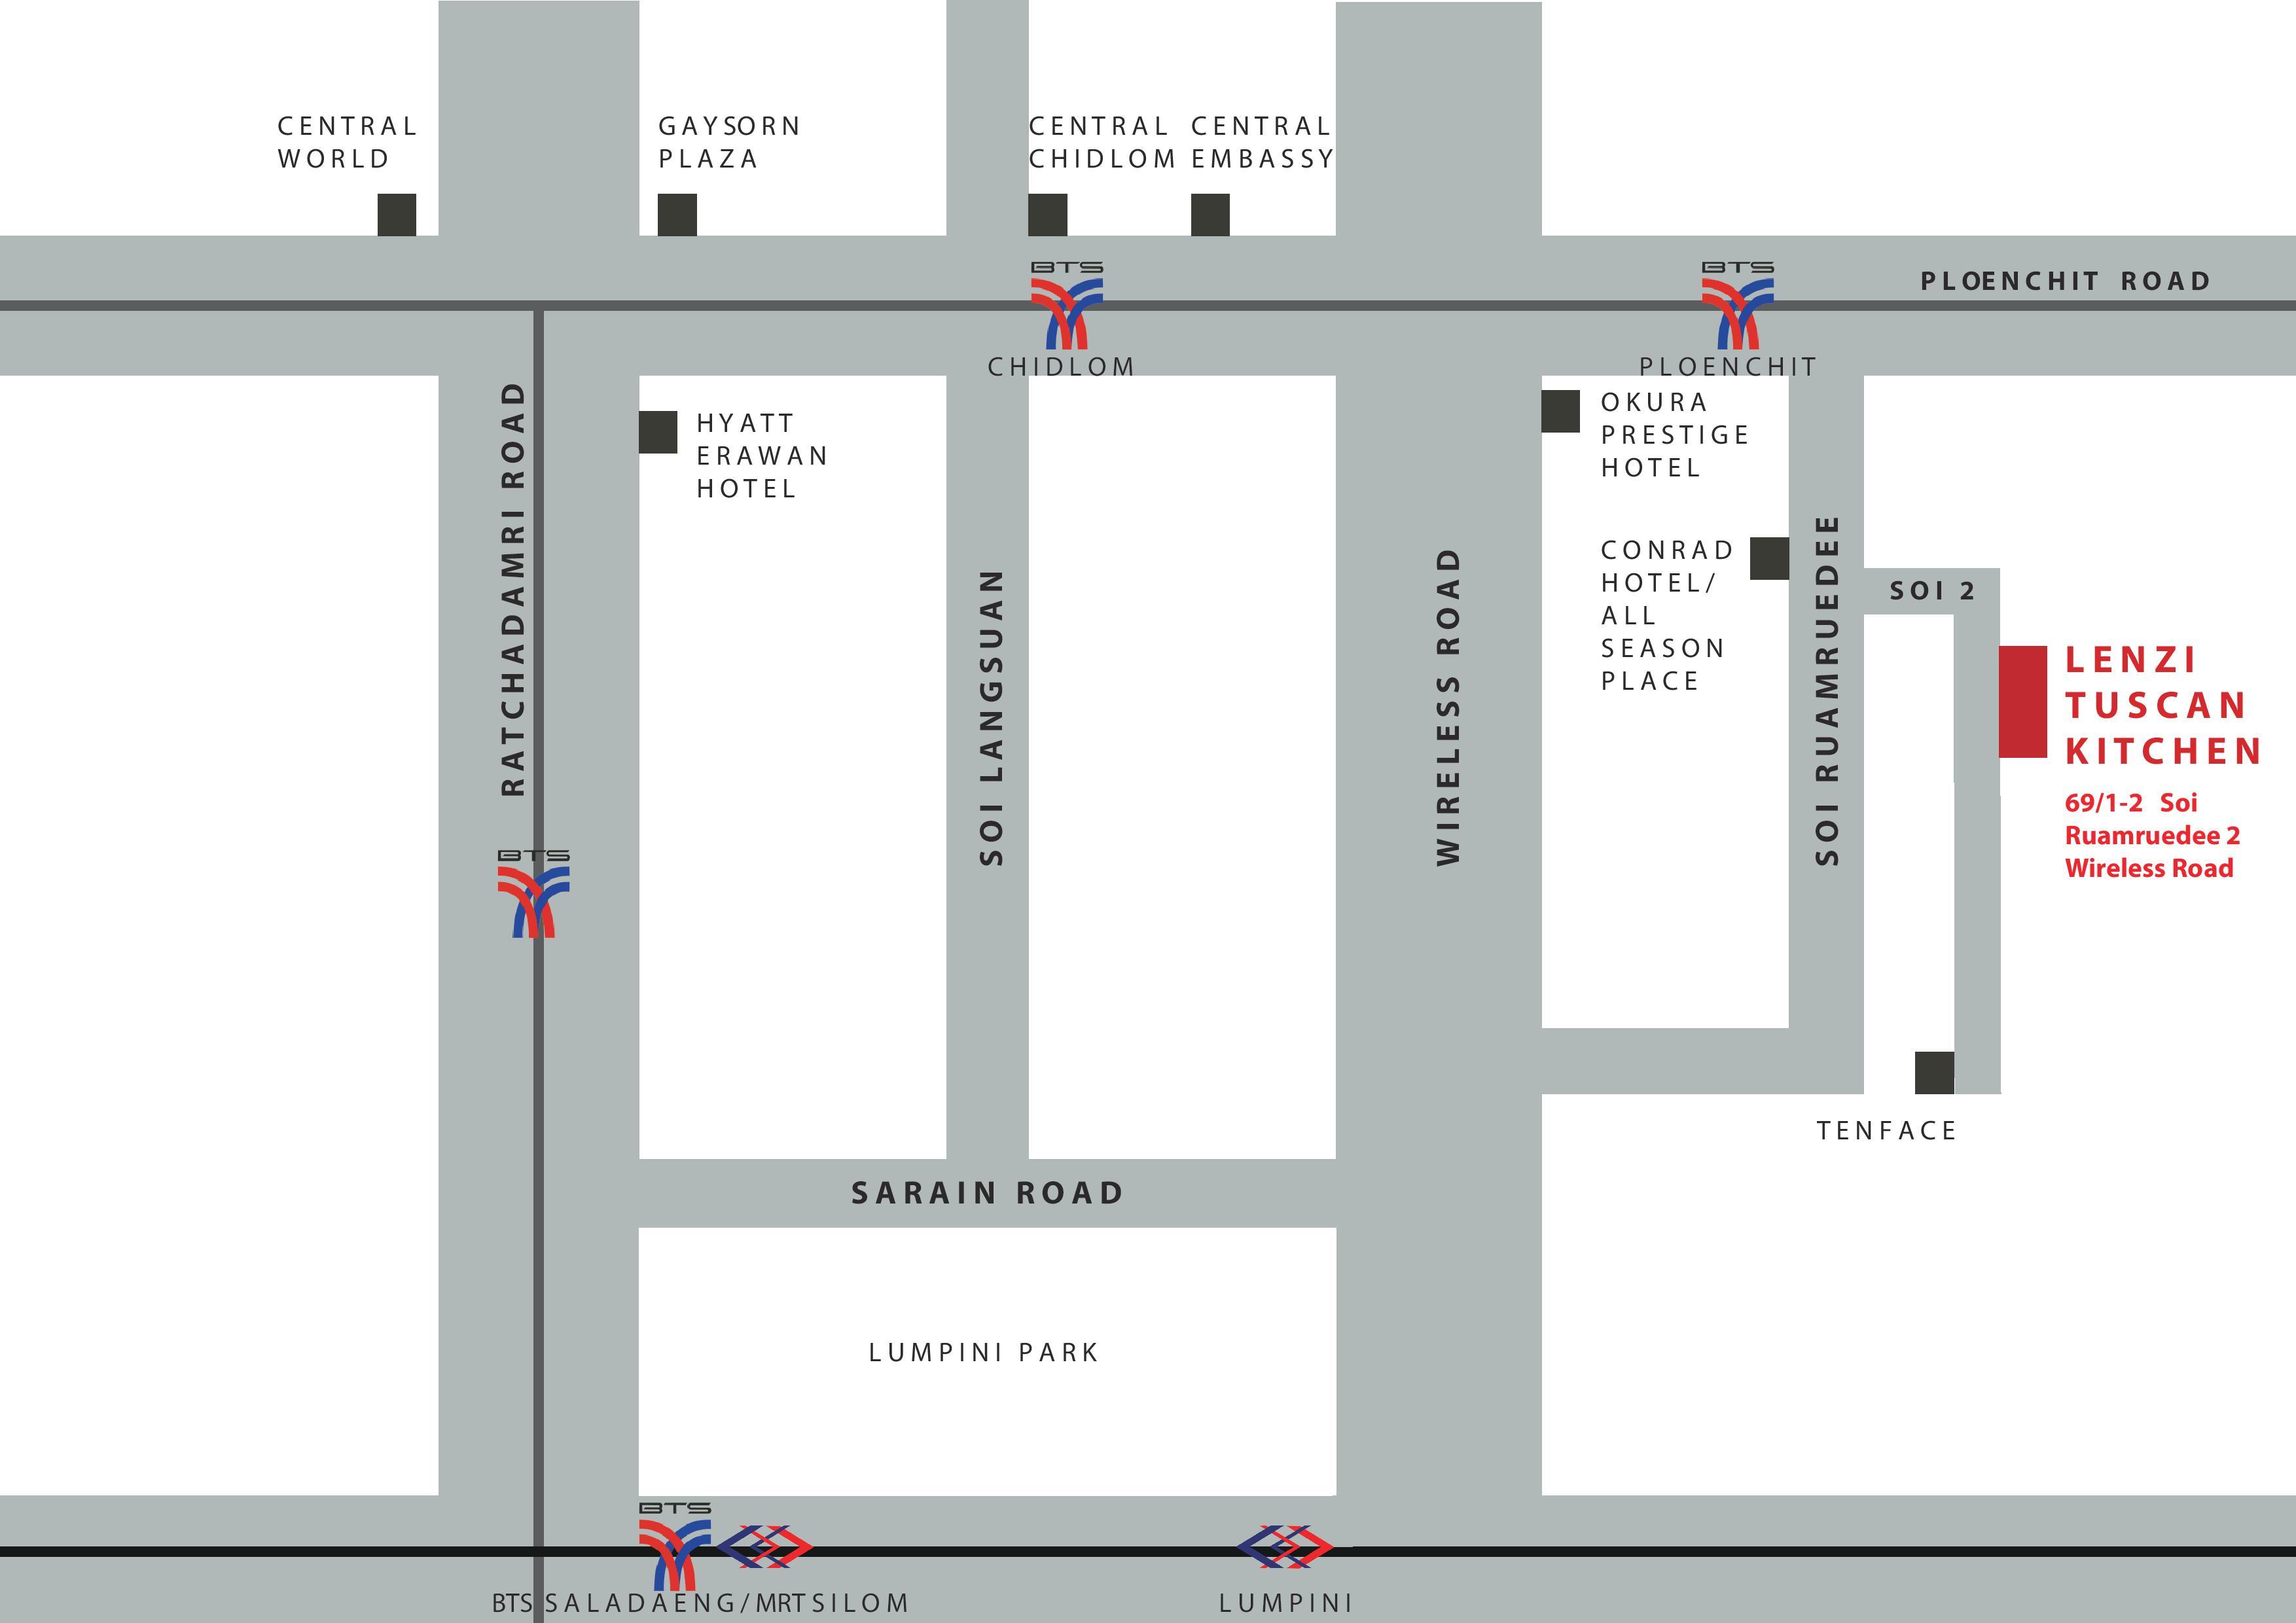 Lenzi Tuscan Kitchen - Map-page-001